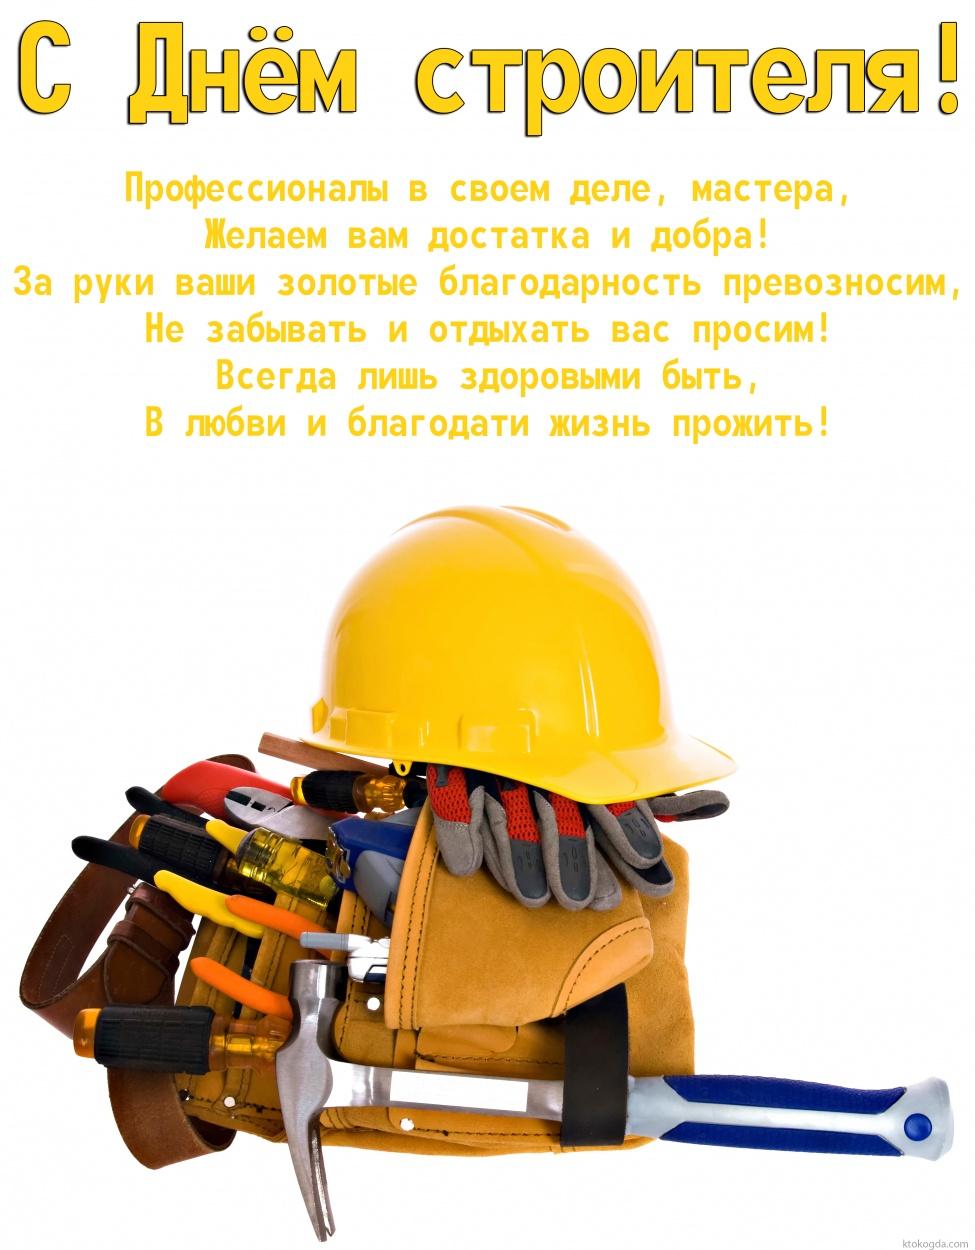 Поздравления с Днем строителя женщине 980